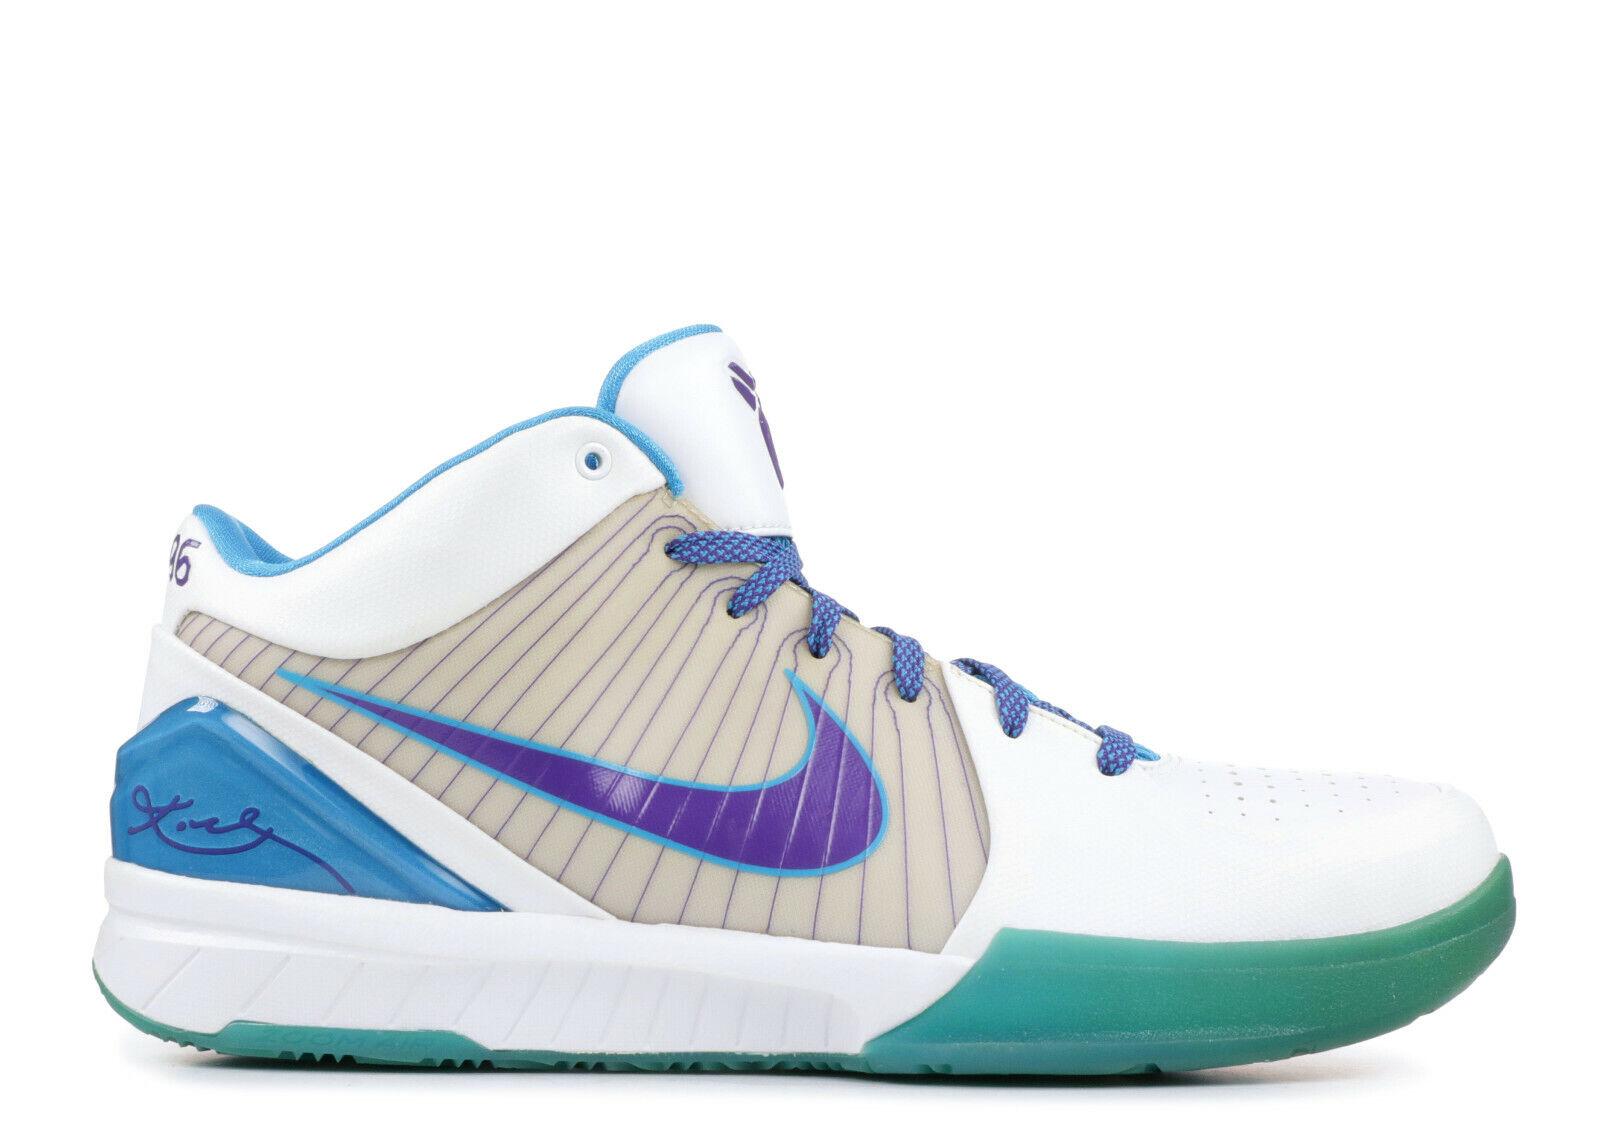 2009 Nike Zoom Kobe Bryant IV 4 Sz 8 projet de jour Charlotte Hornets OG 344335-151